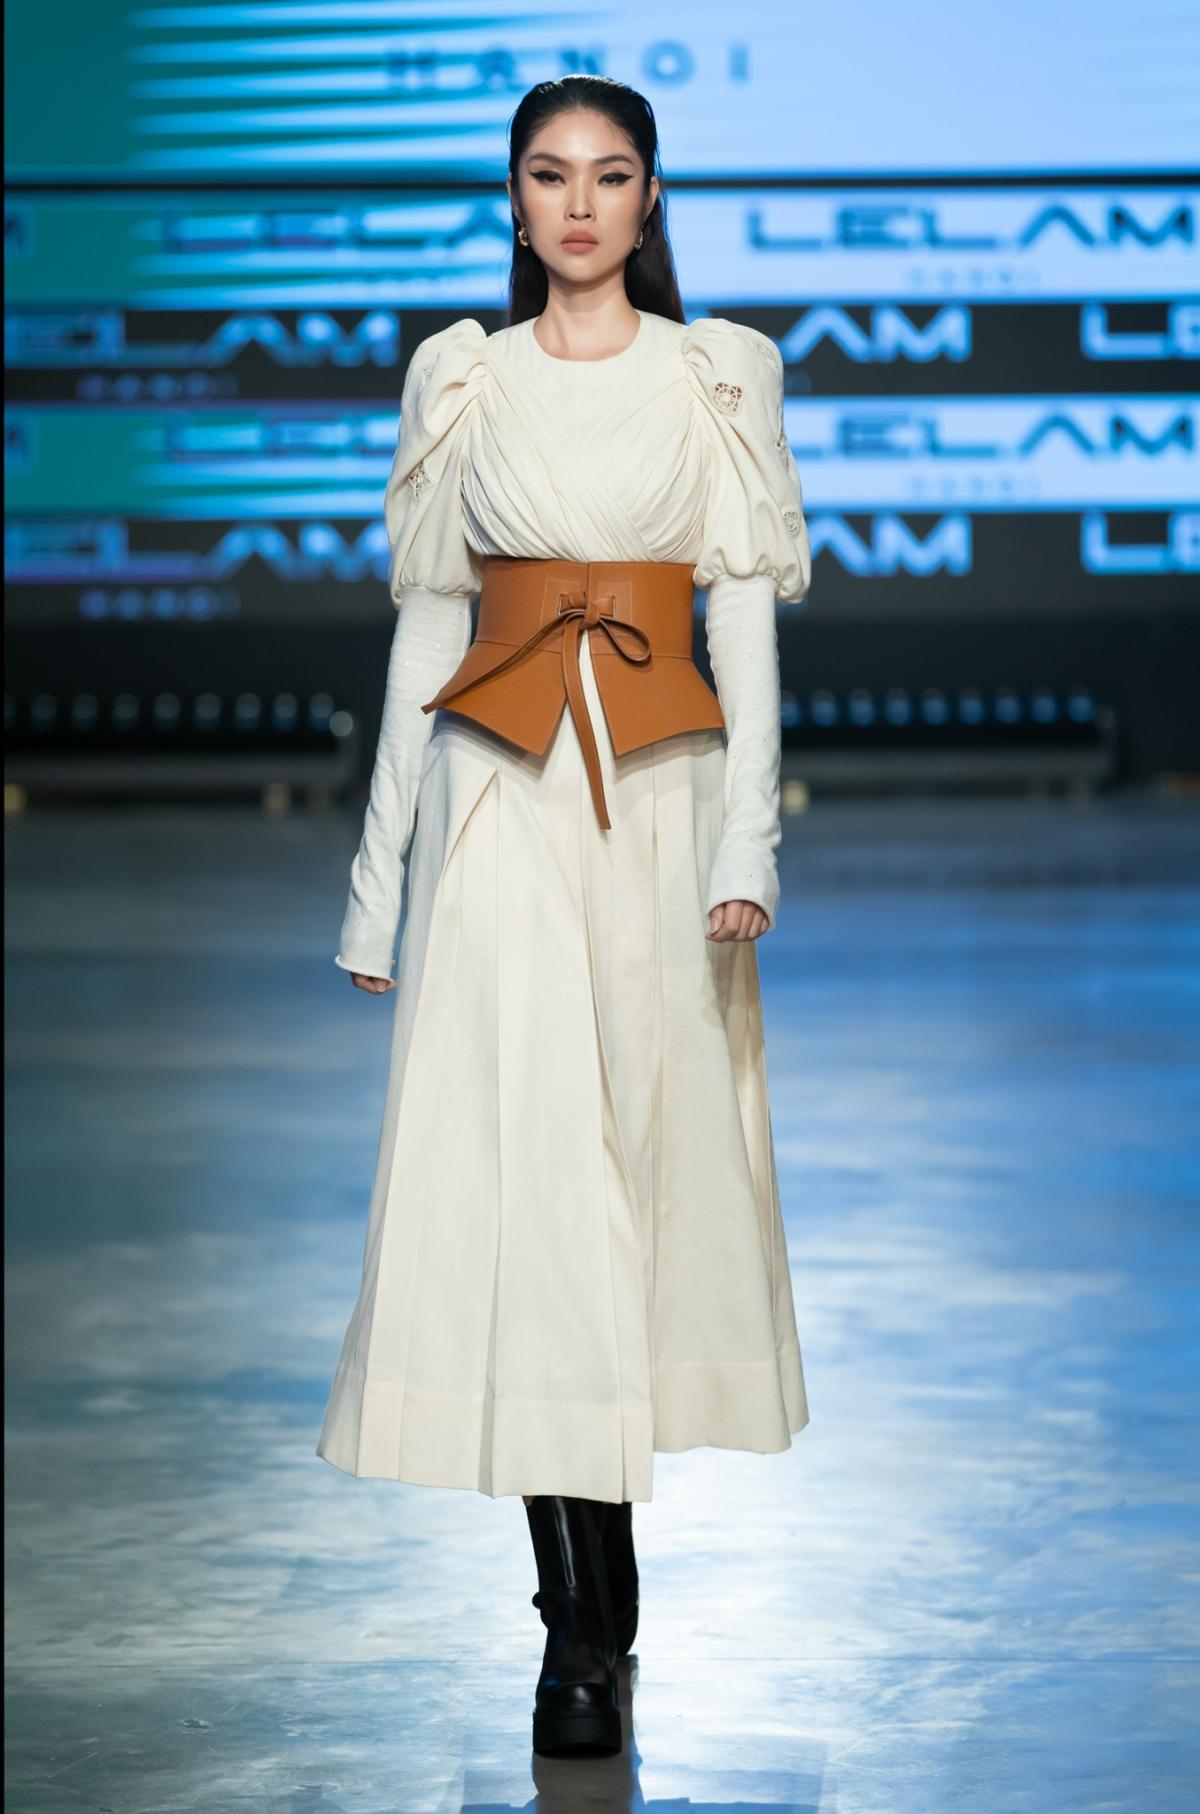 Xuyên suốt 30 thiết kế, NTK Lê Lâm cho khán giả một cảm giác vô cùng dễ chịu.